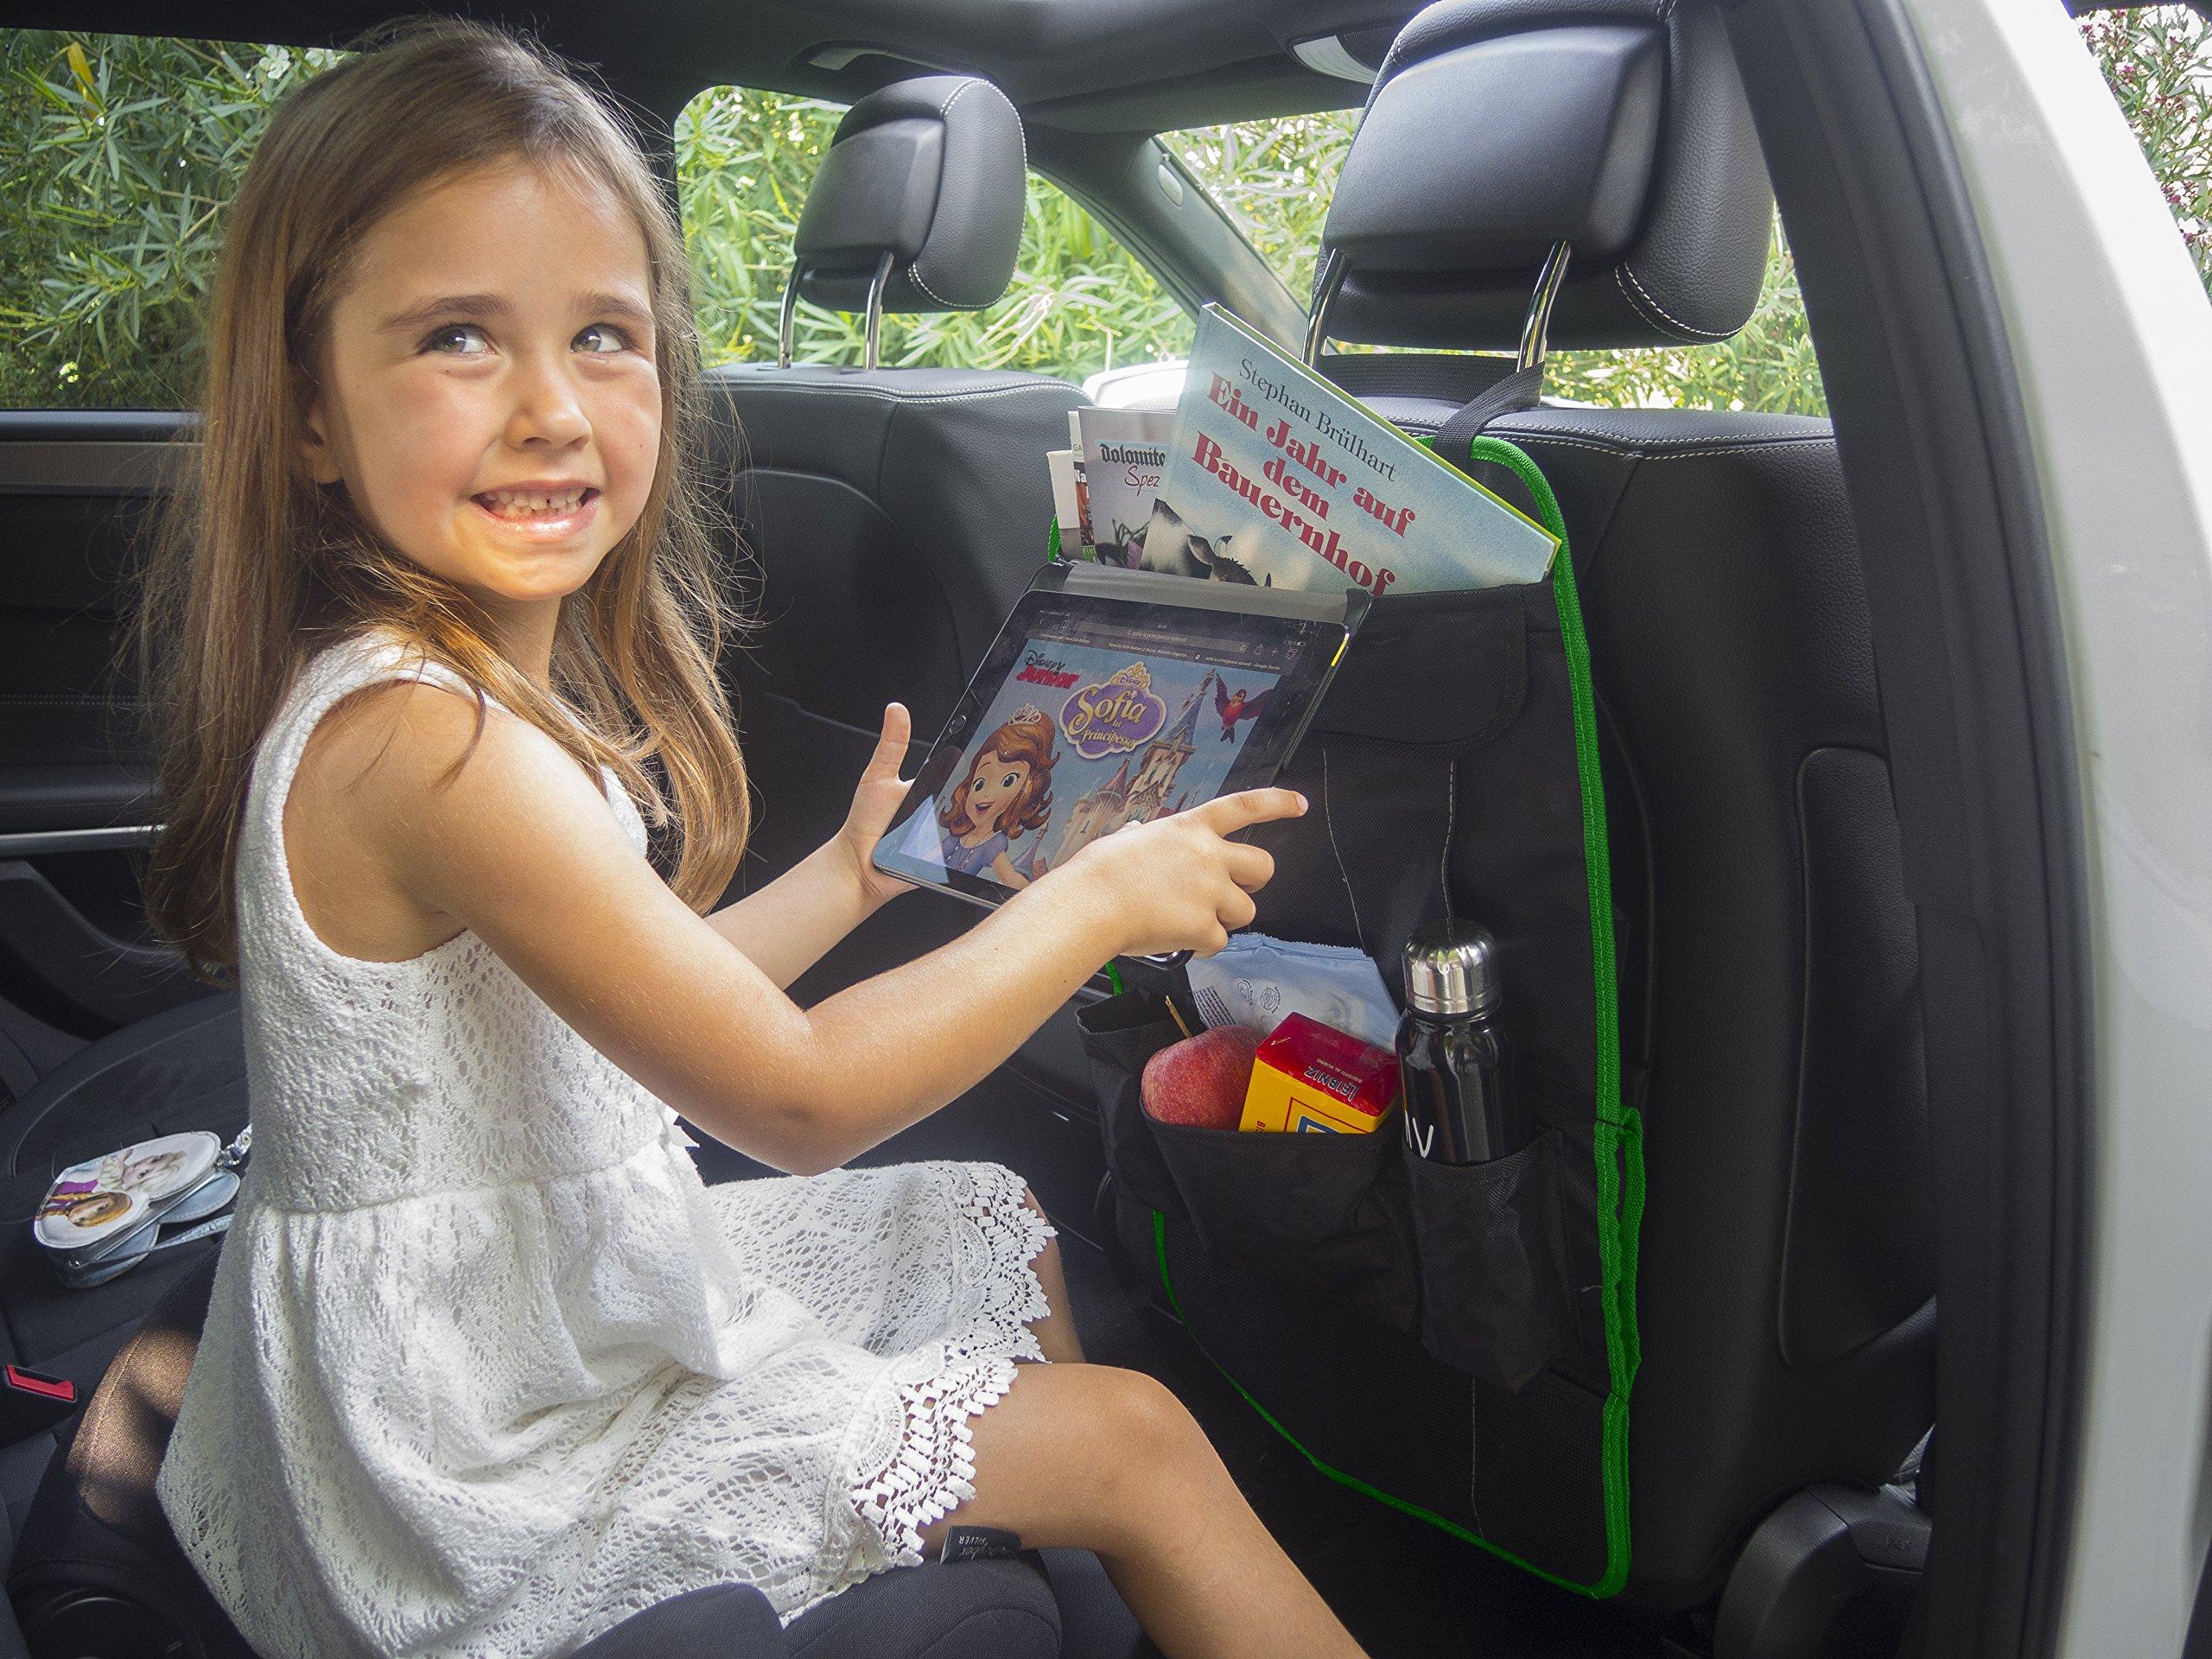 Protector asiento coche | organizador multi-bolsillos | MYCARCADDY TO GO | kick mat para ninos | evita arañazos y daños en el respaldo del asiento | con bolsillo para I-PAD tablet | NEGRO/VERDE